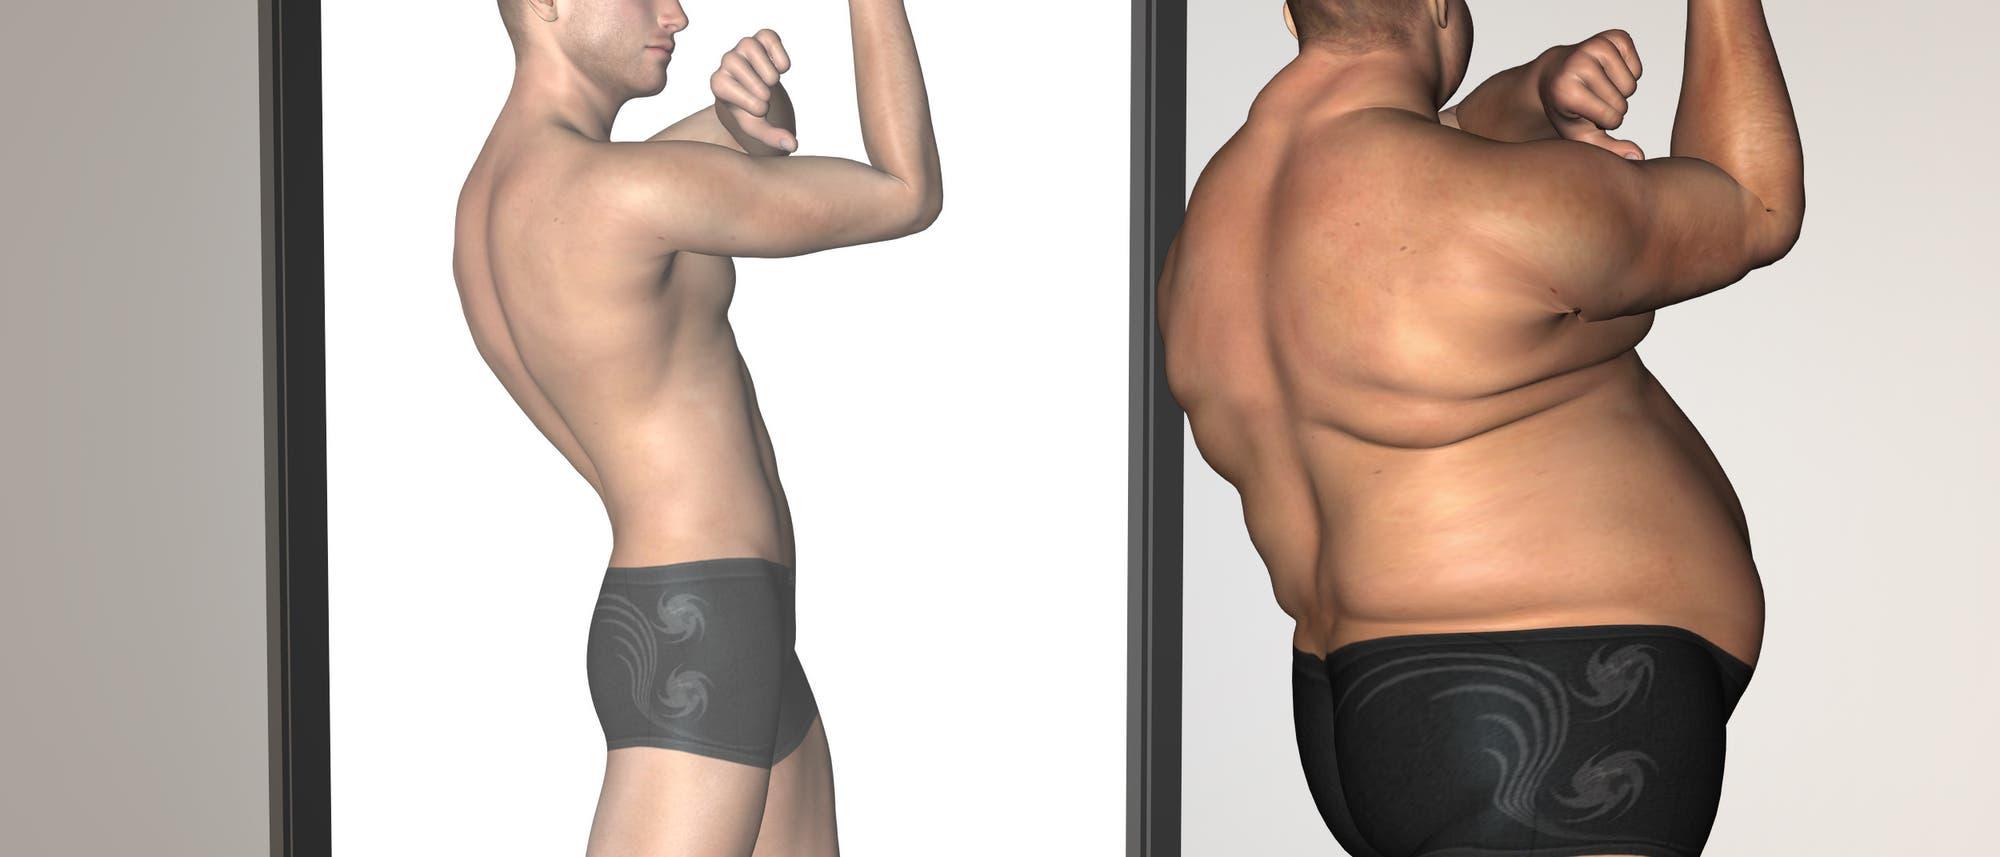 Ein dicker Mann in Pose vor seinem dünnen Spiegelbild